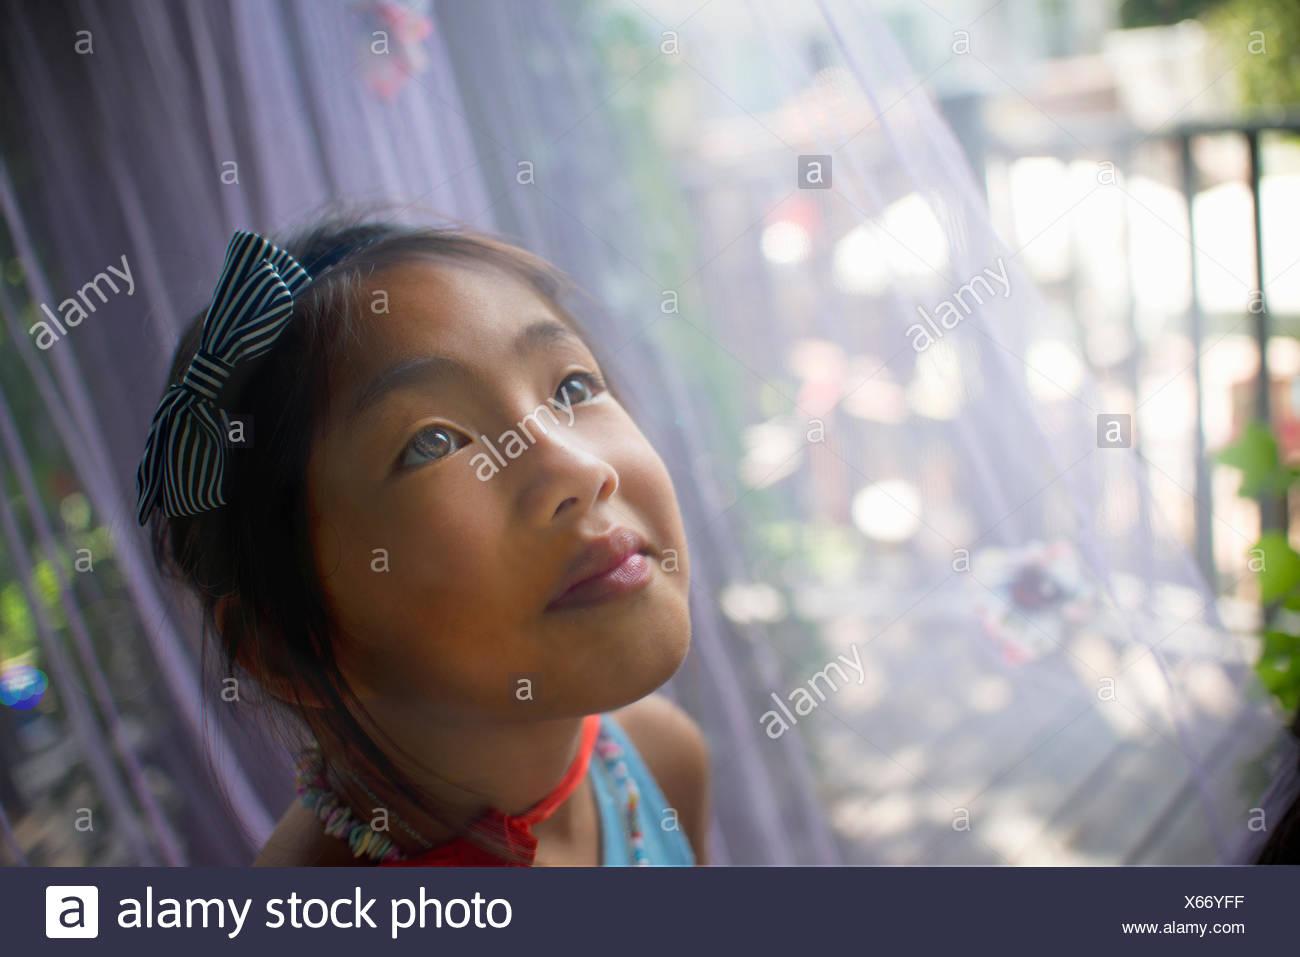 Ritratto di giovane ragazza asiatica, testa e spalle, close-up Immagini Stock